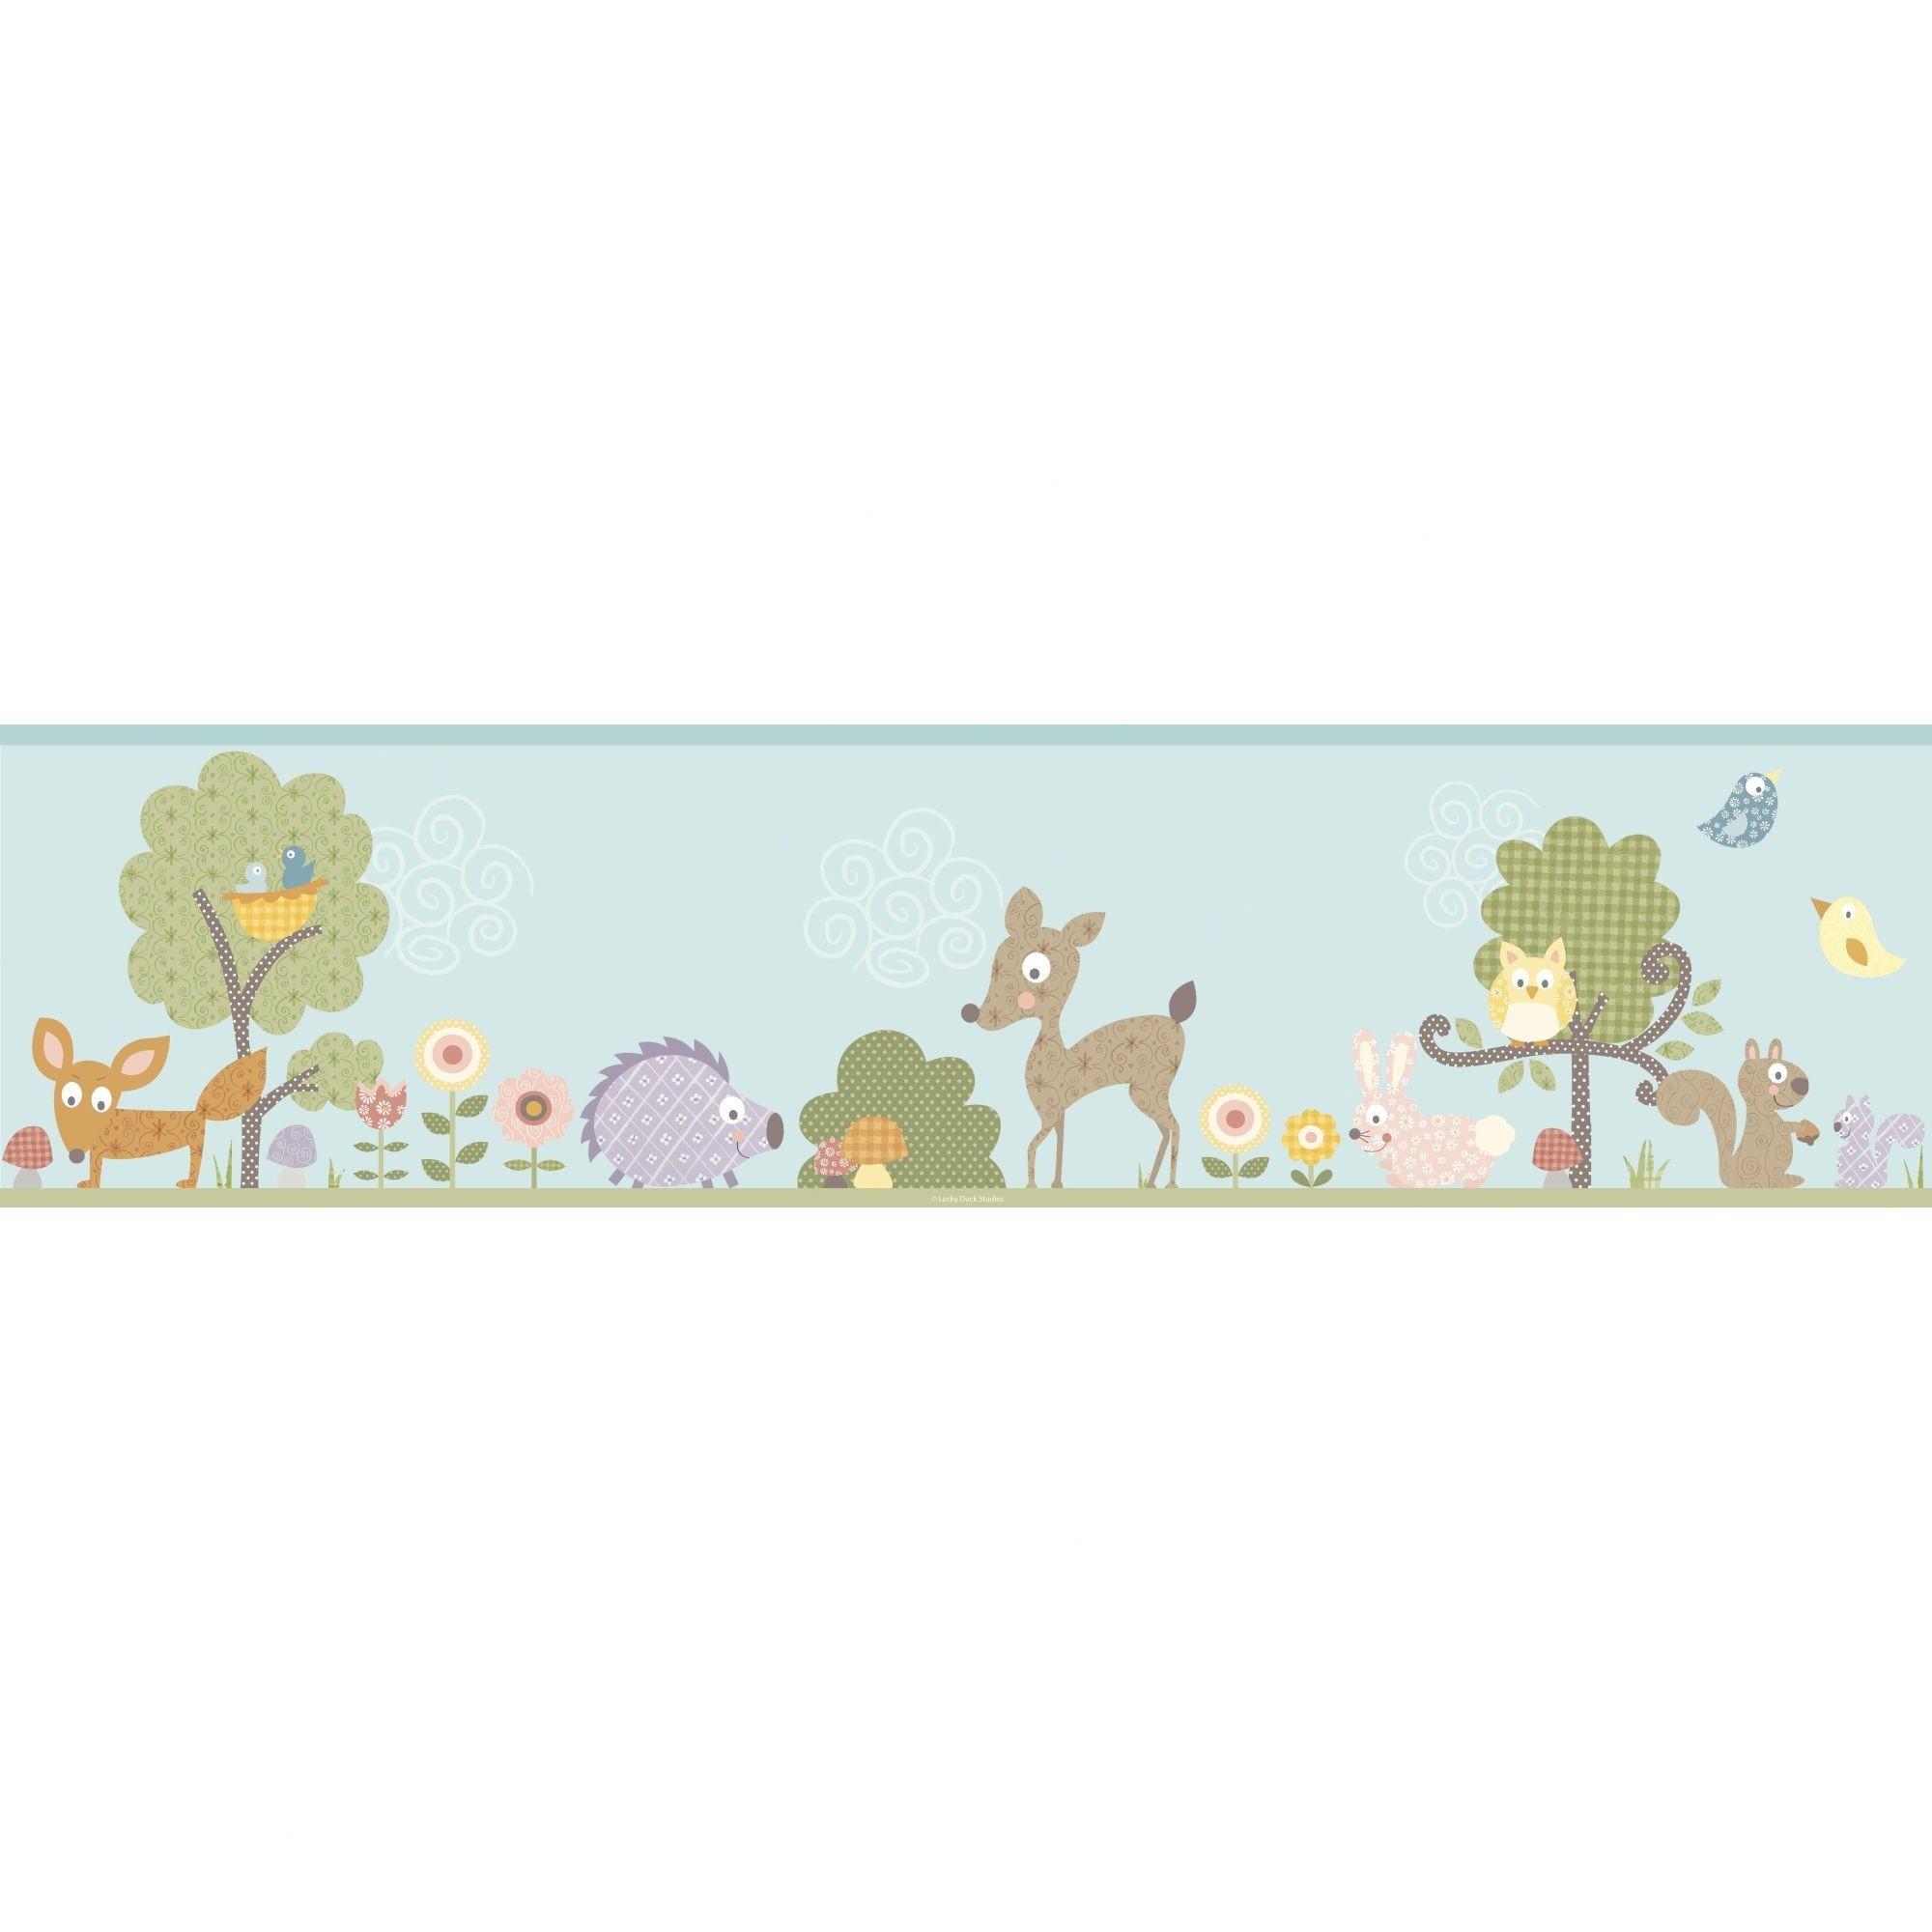 Res: 2000x2000, Room Mates Studio Designs Woodland Animals Wall Border - RMK1420BCS -  Wallpaper - Wall Art & Coverings - Decor